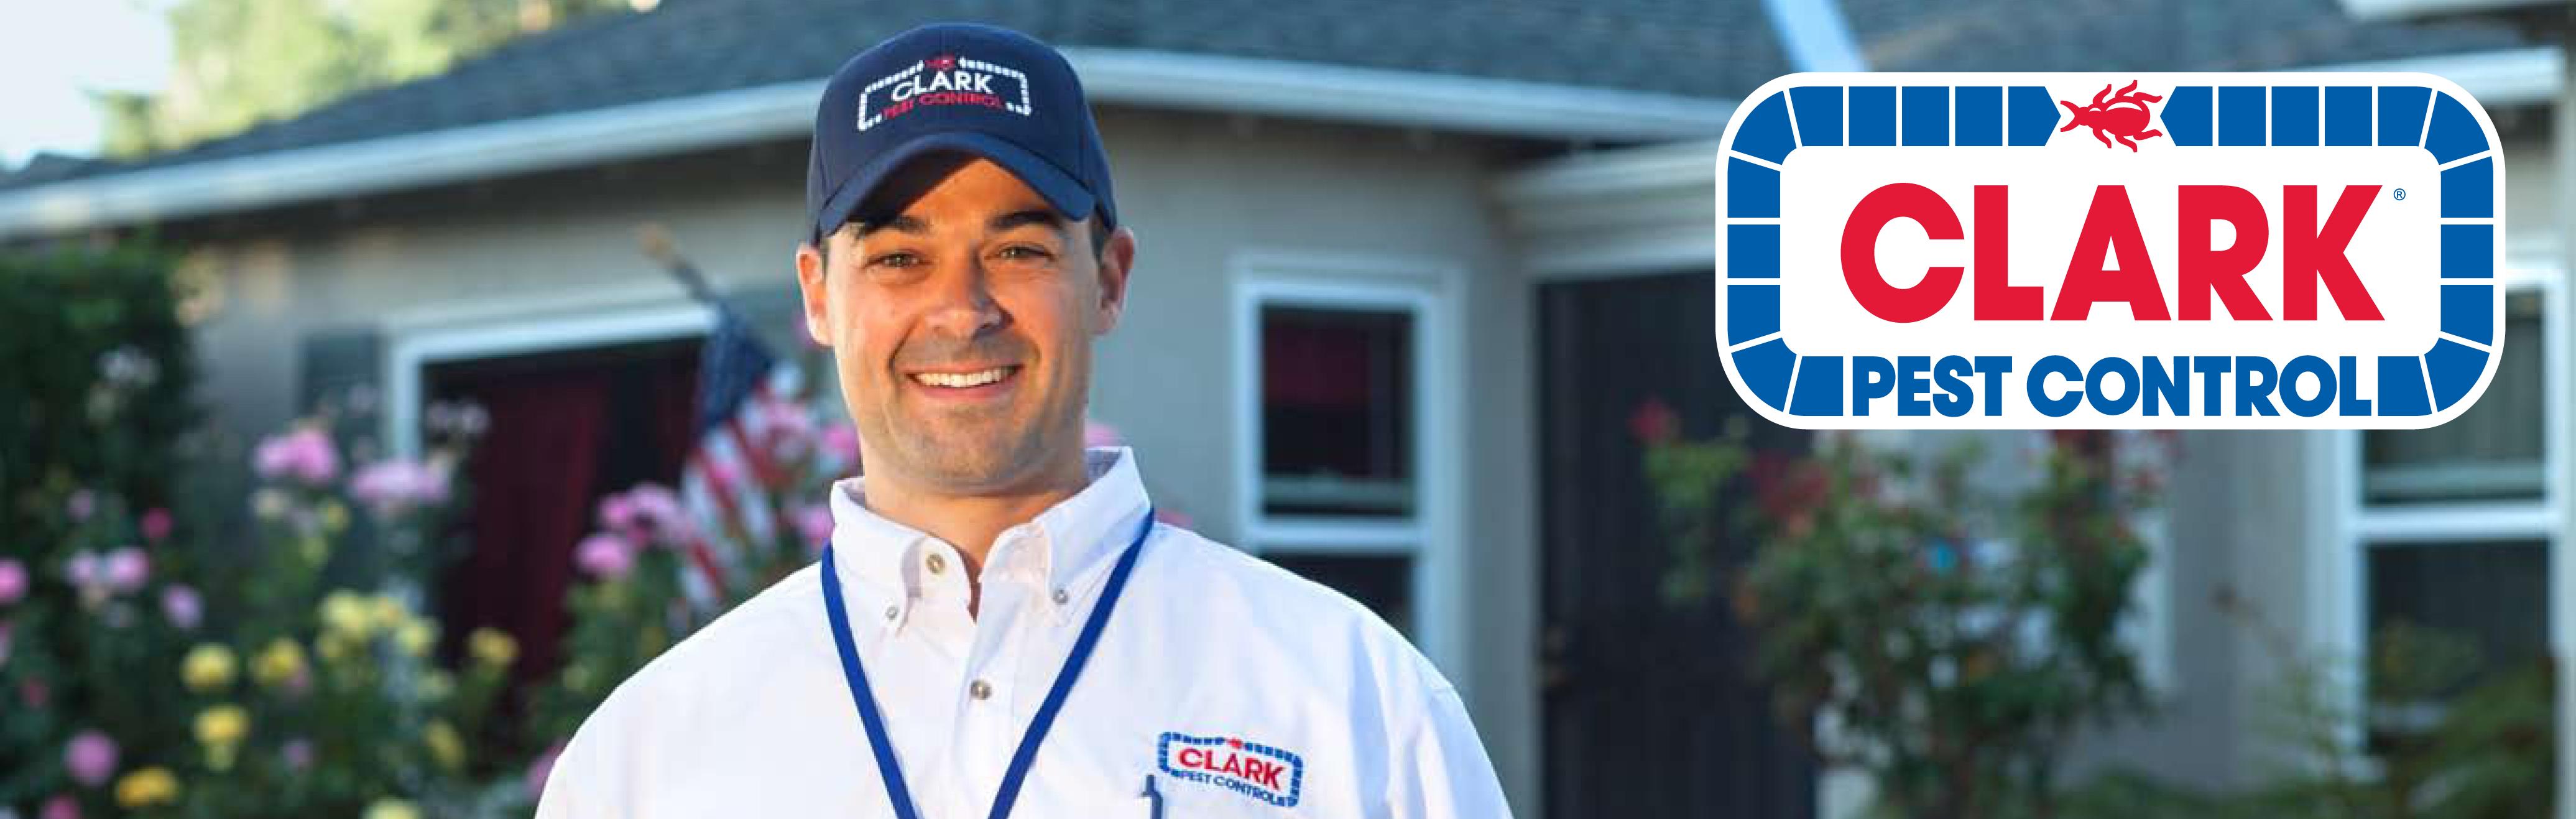 Clark Pest Control - Northridge, CA